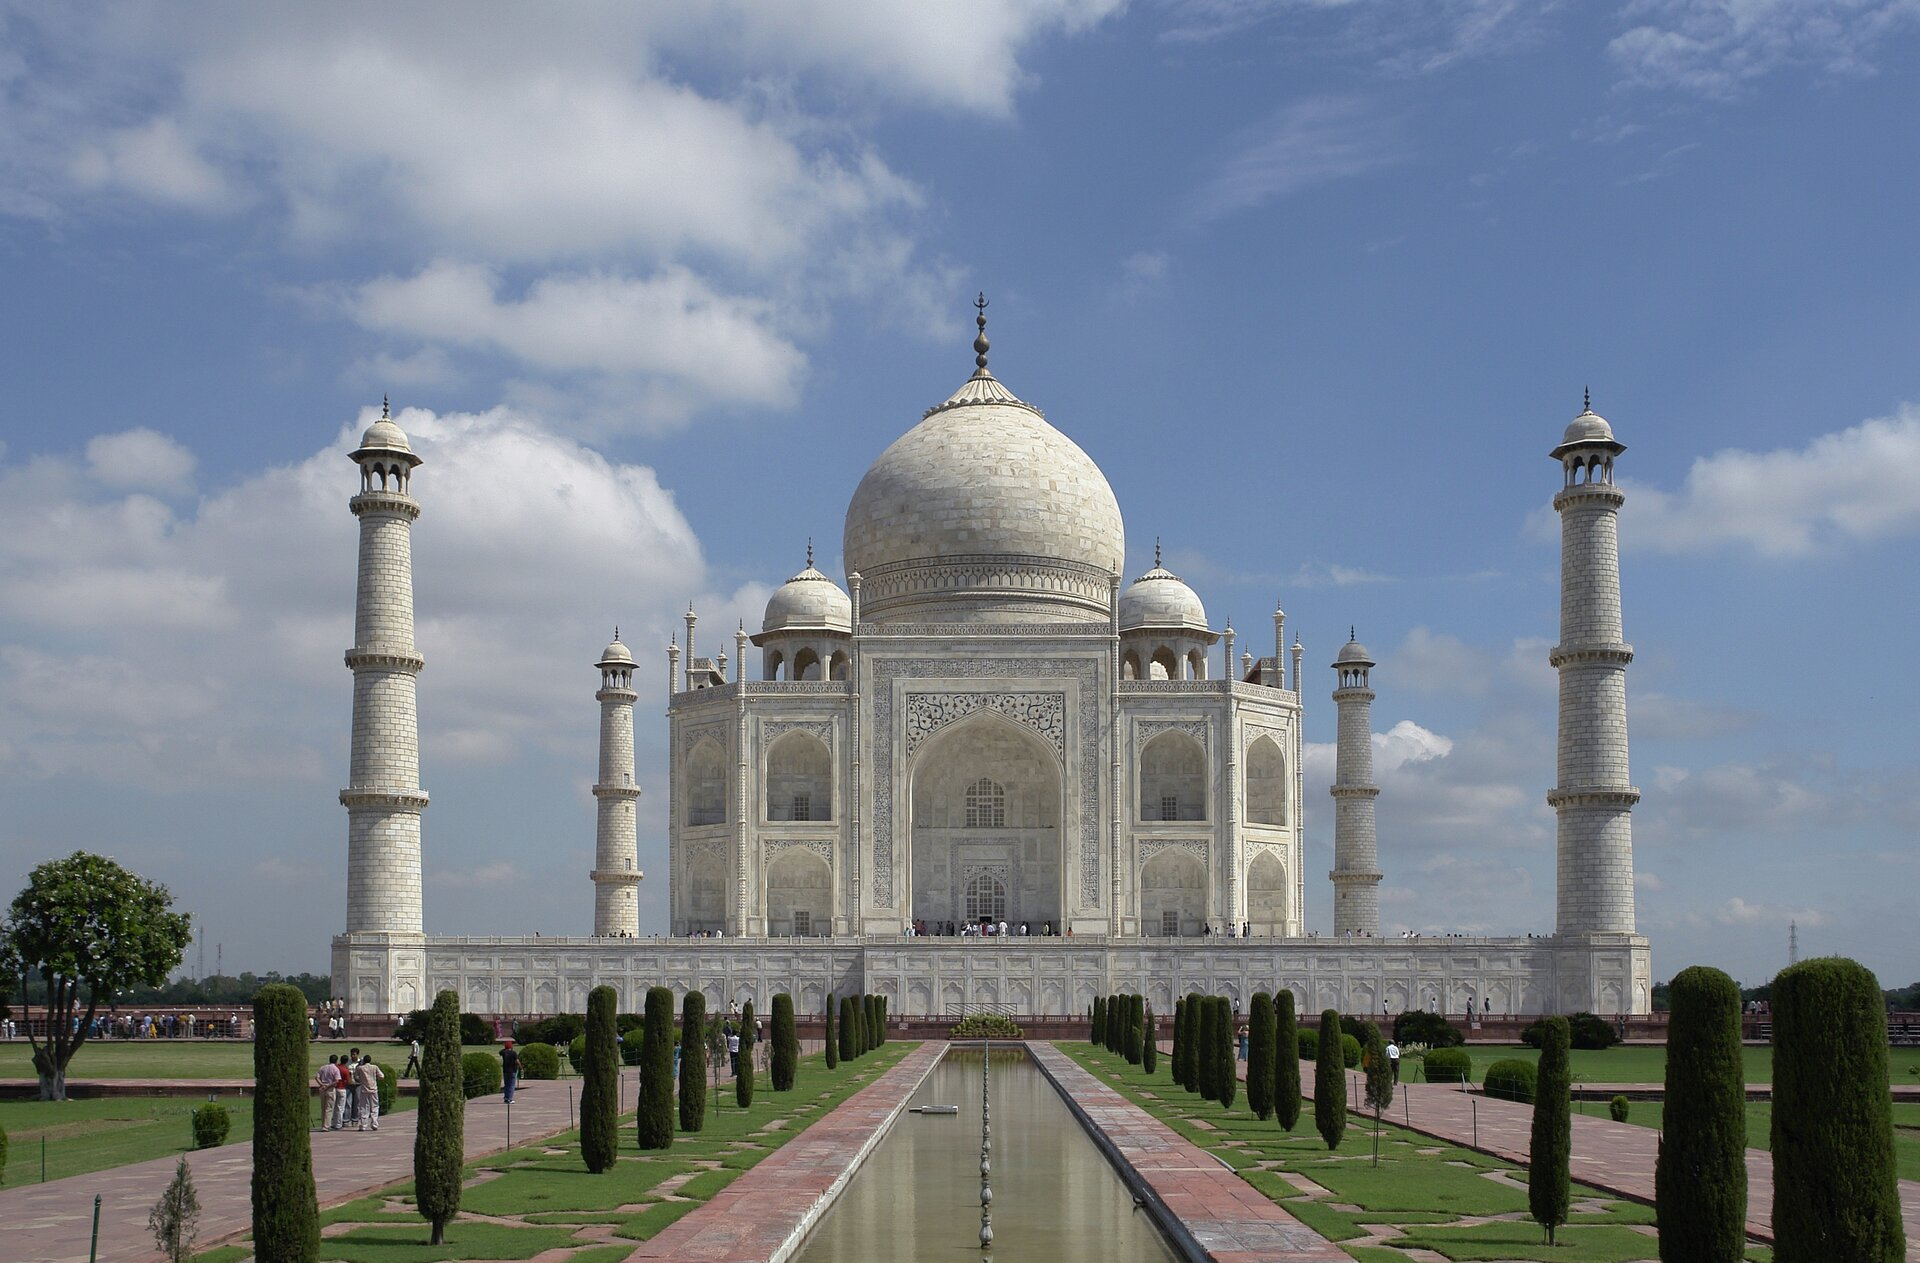 Na zdjęciu okazała, bogato zdobiona biała świątynia zwieloma kopułami iwieżami. Ogrodzona wysokim murem. Przed nią długi zbiornik wodny, wzdłuż niego strzeliste rośliny. Szerokie aleje, grupa ludzi.